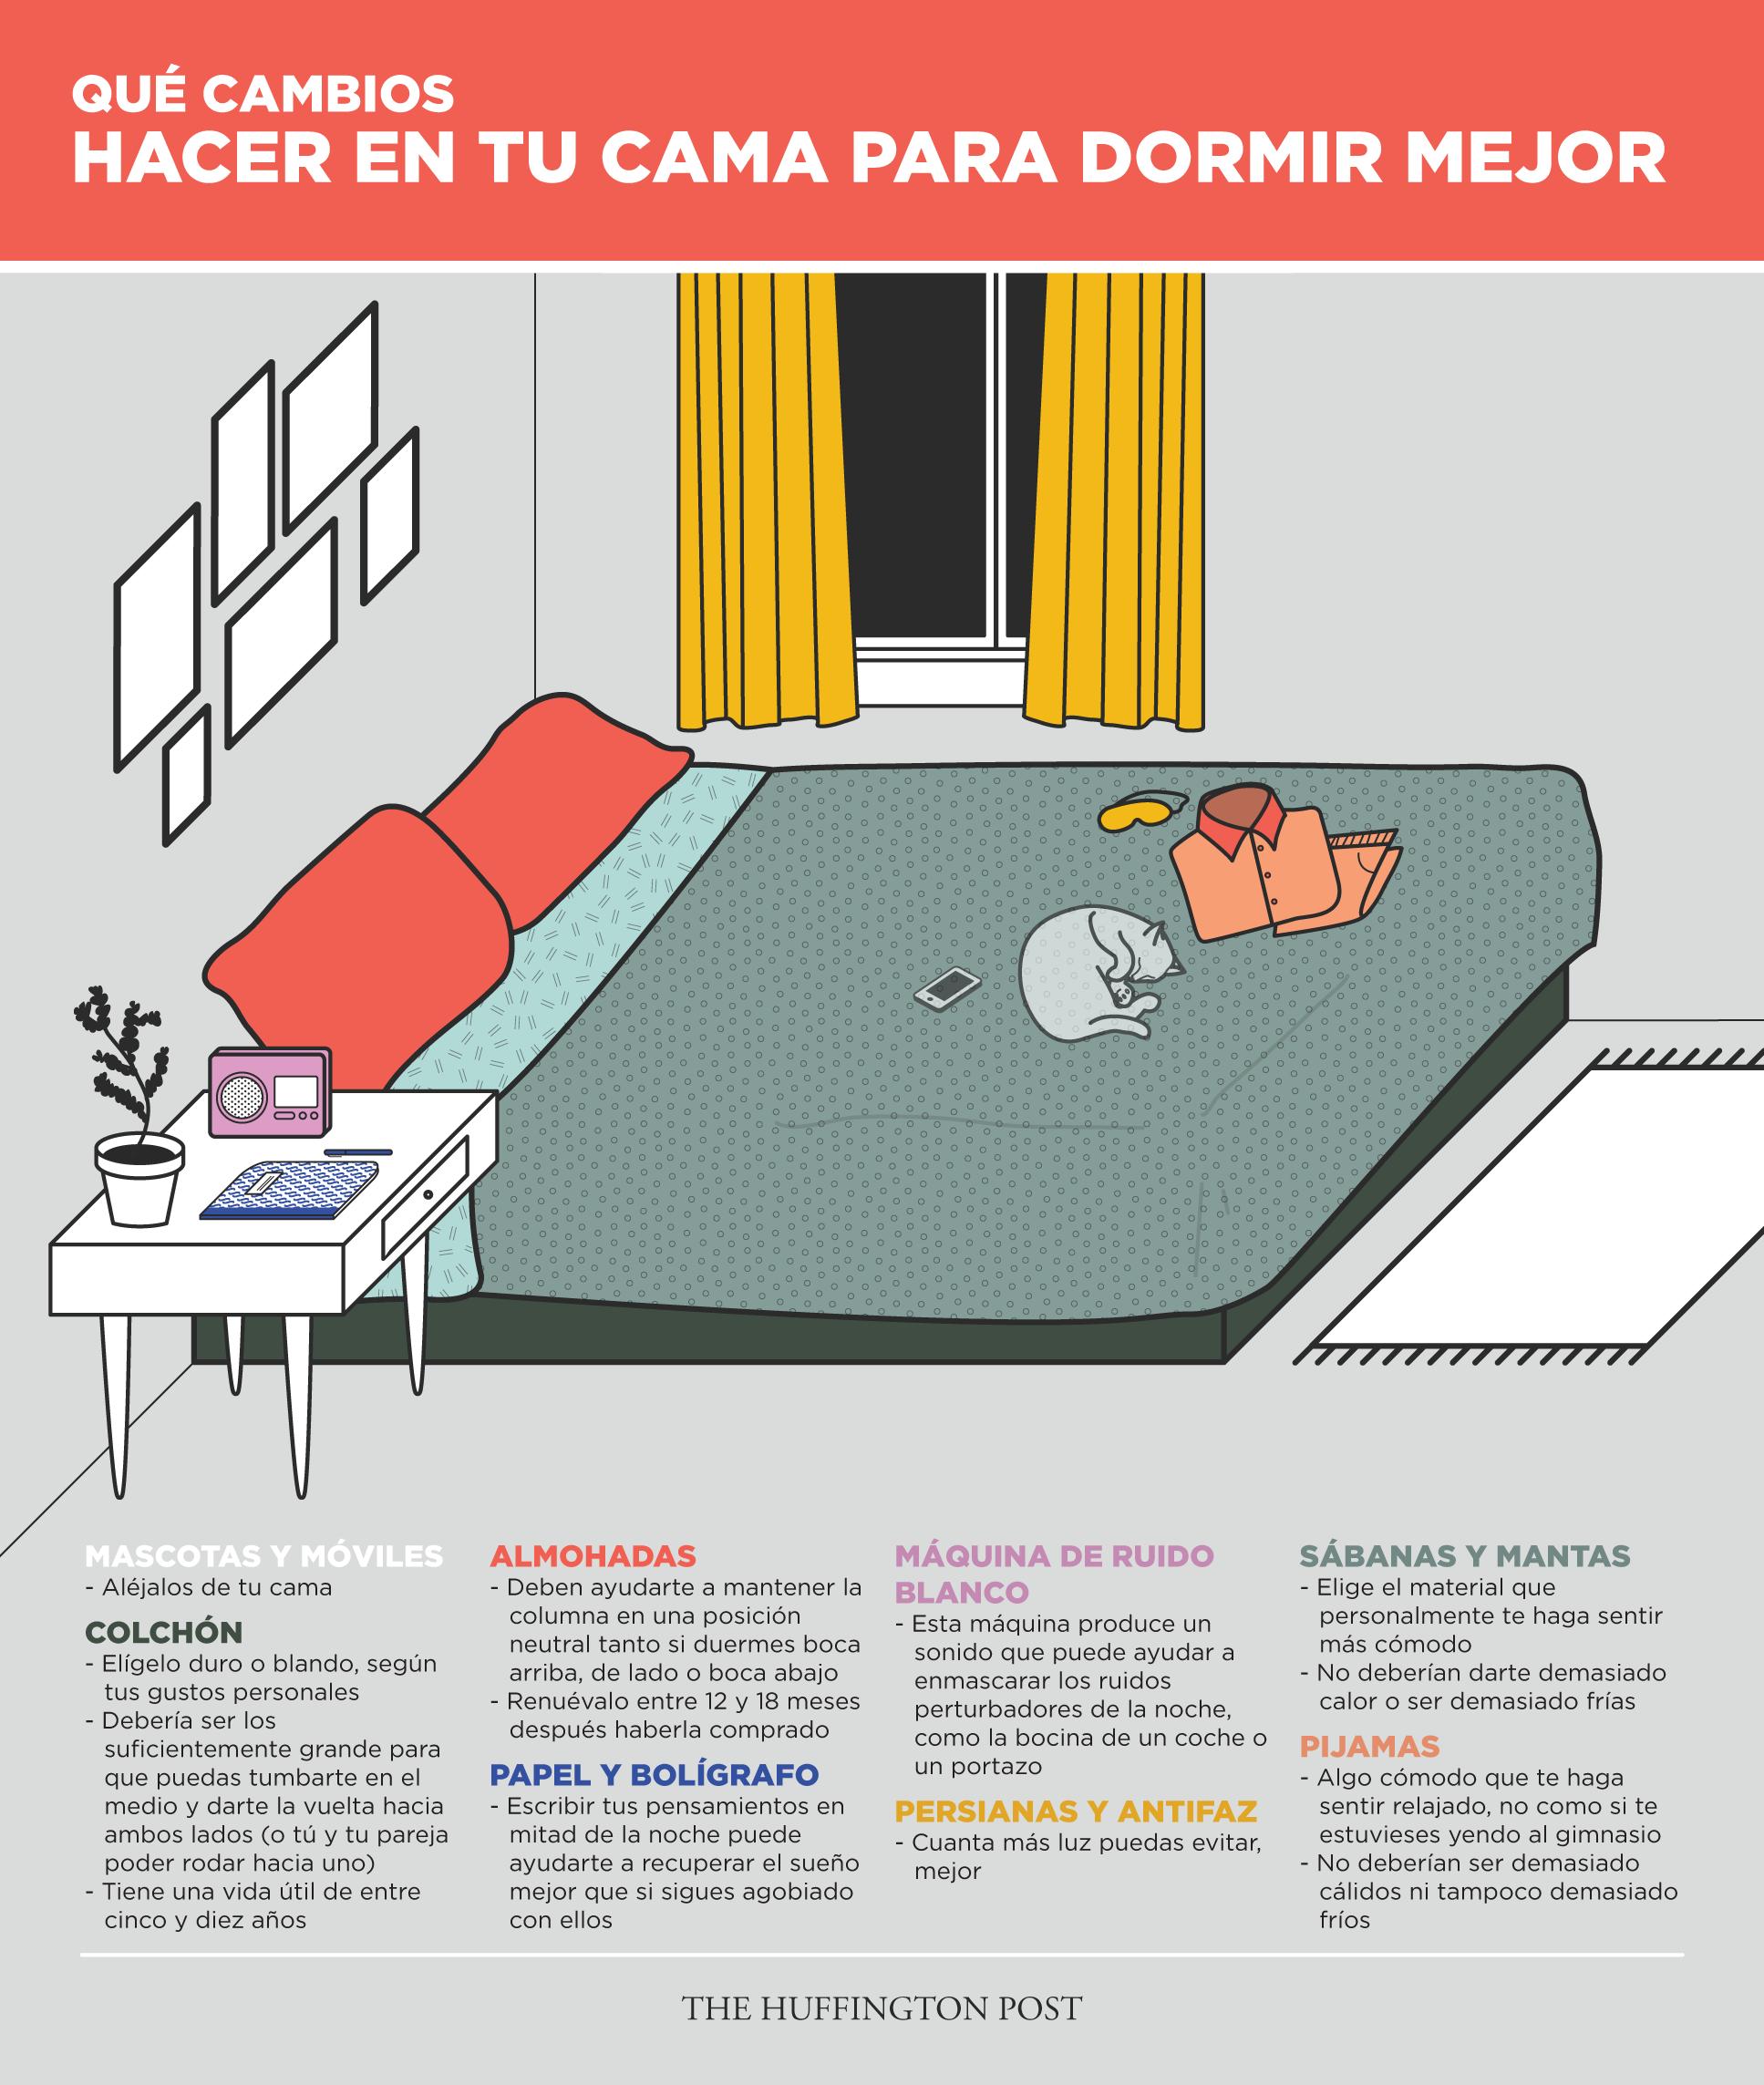 C mo transformar tu cama para dormir mejor infograf a - Orientacion cama dormir bien ...